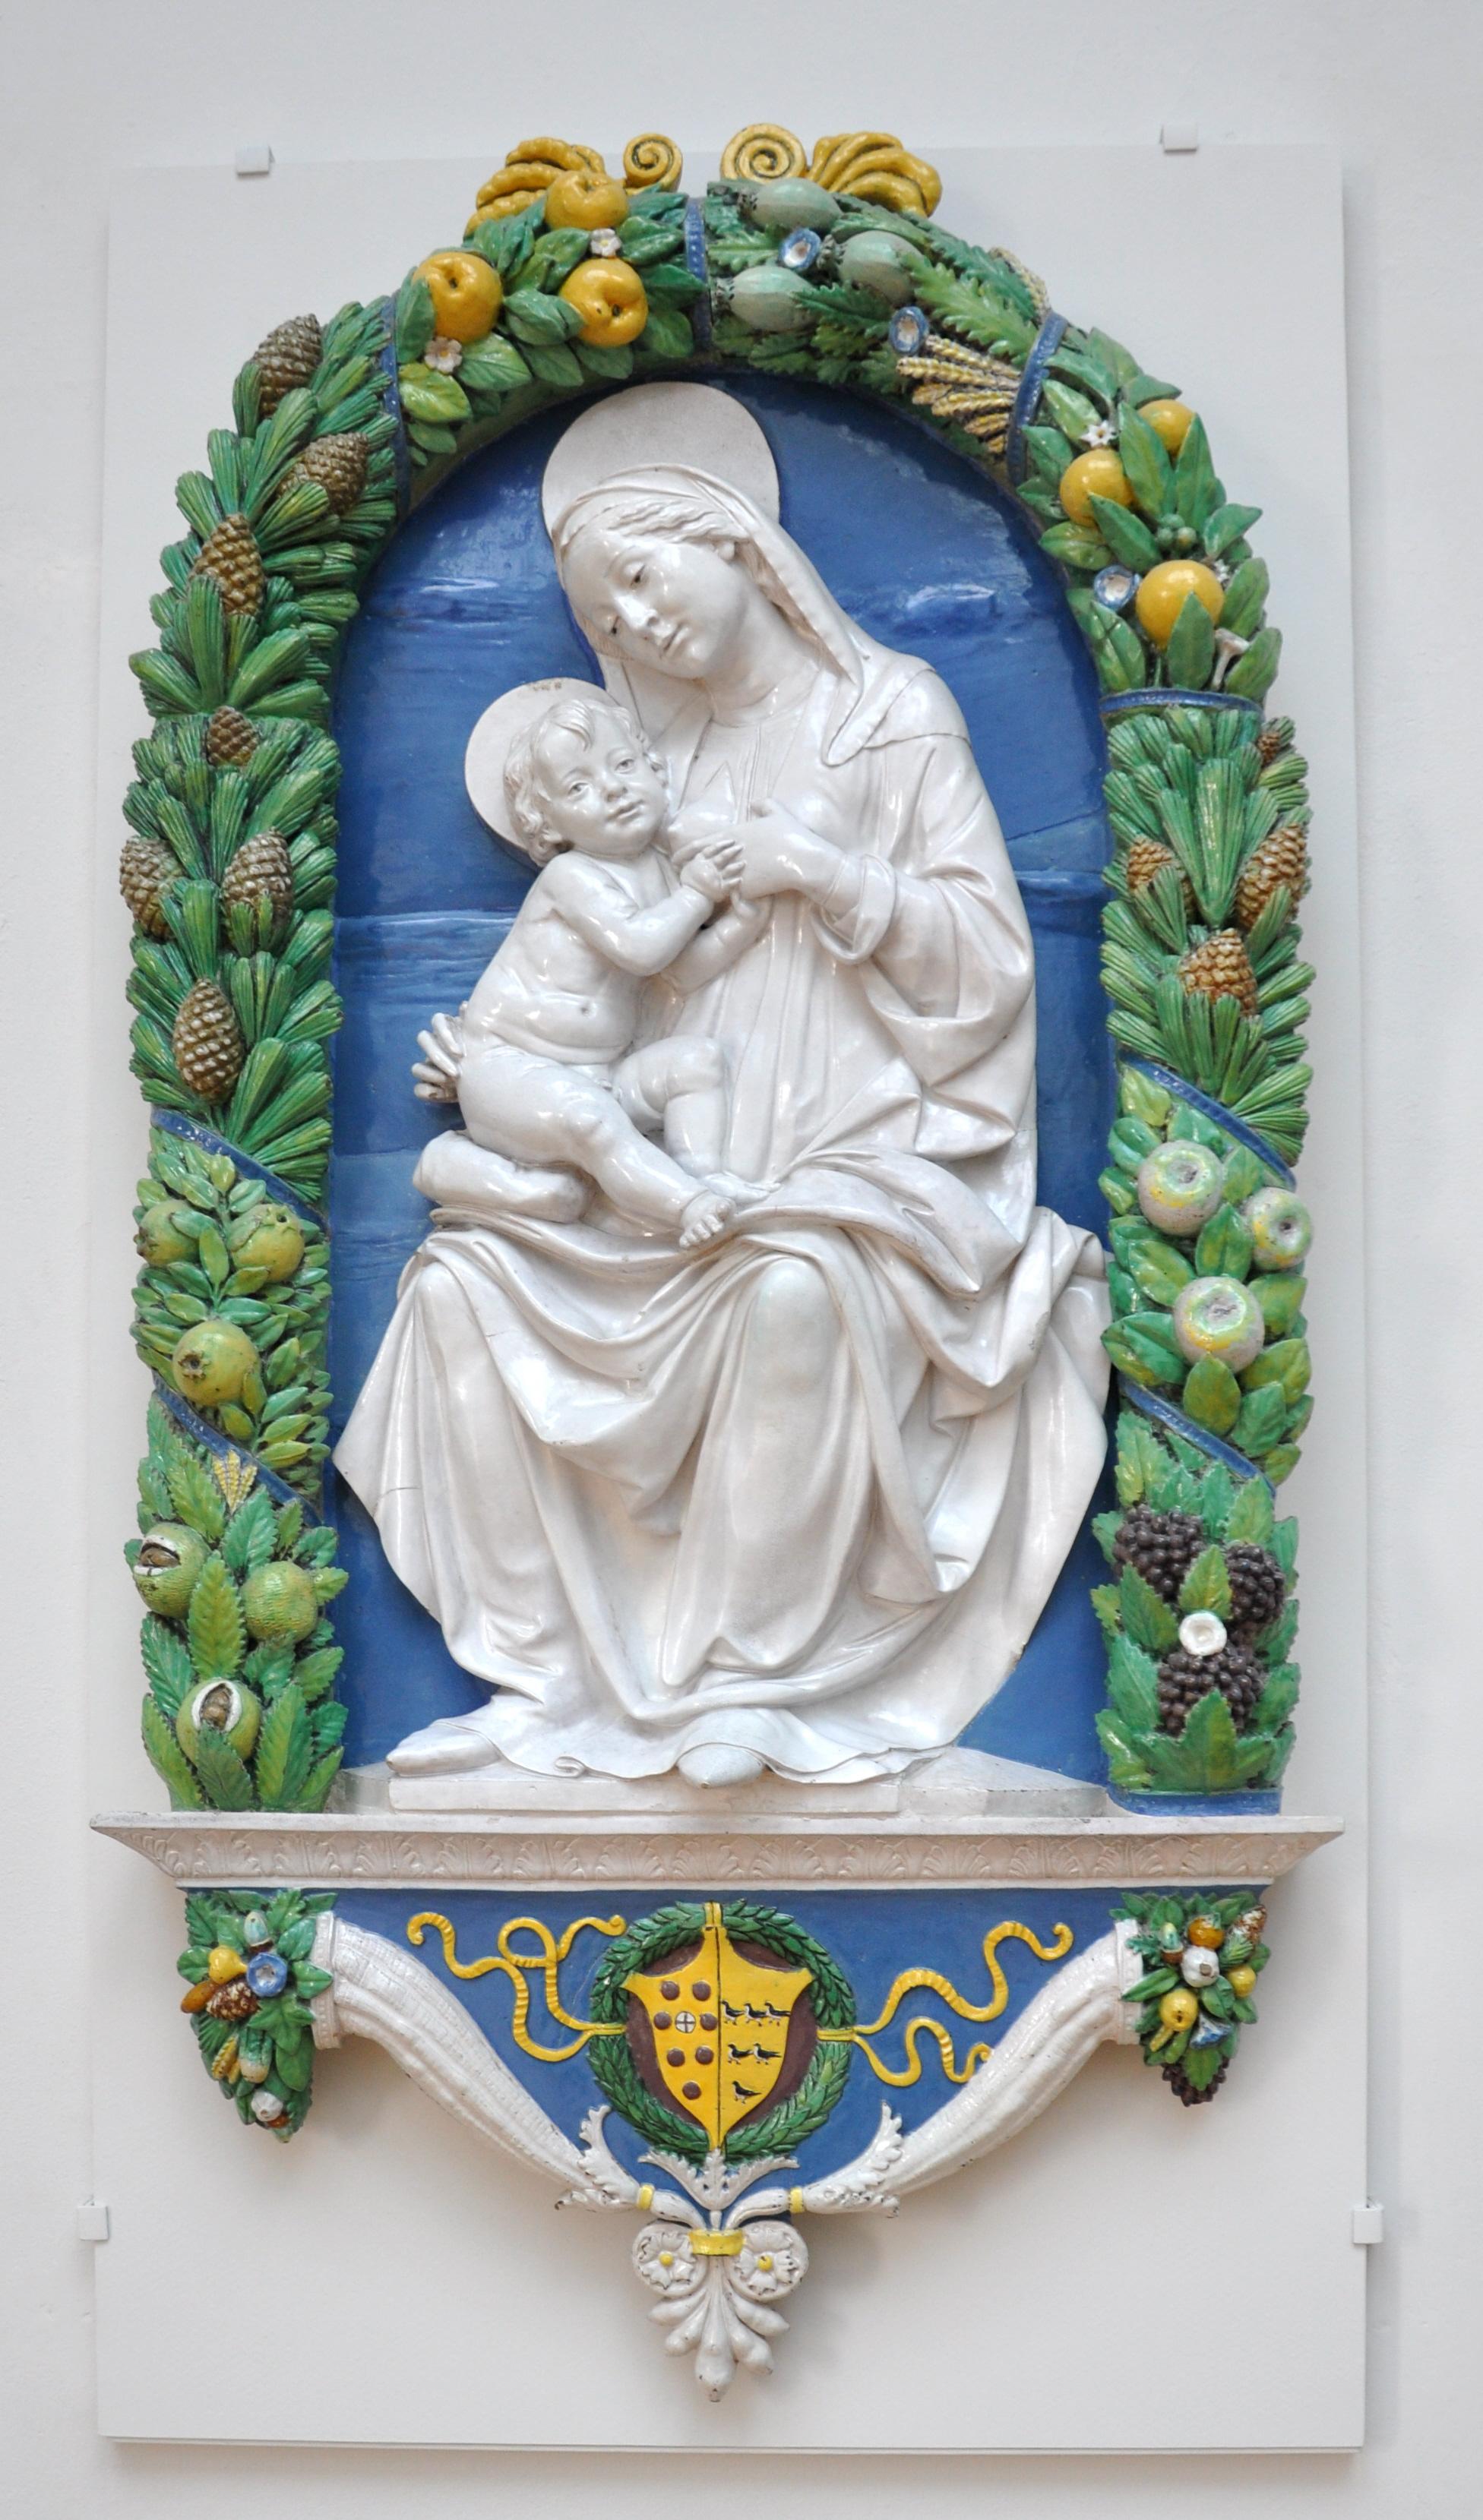 Della Robbia Blue Painted